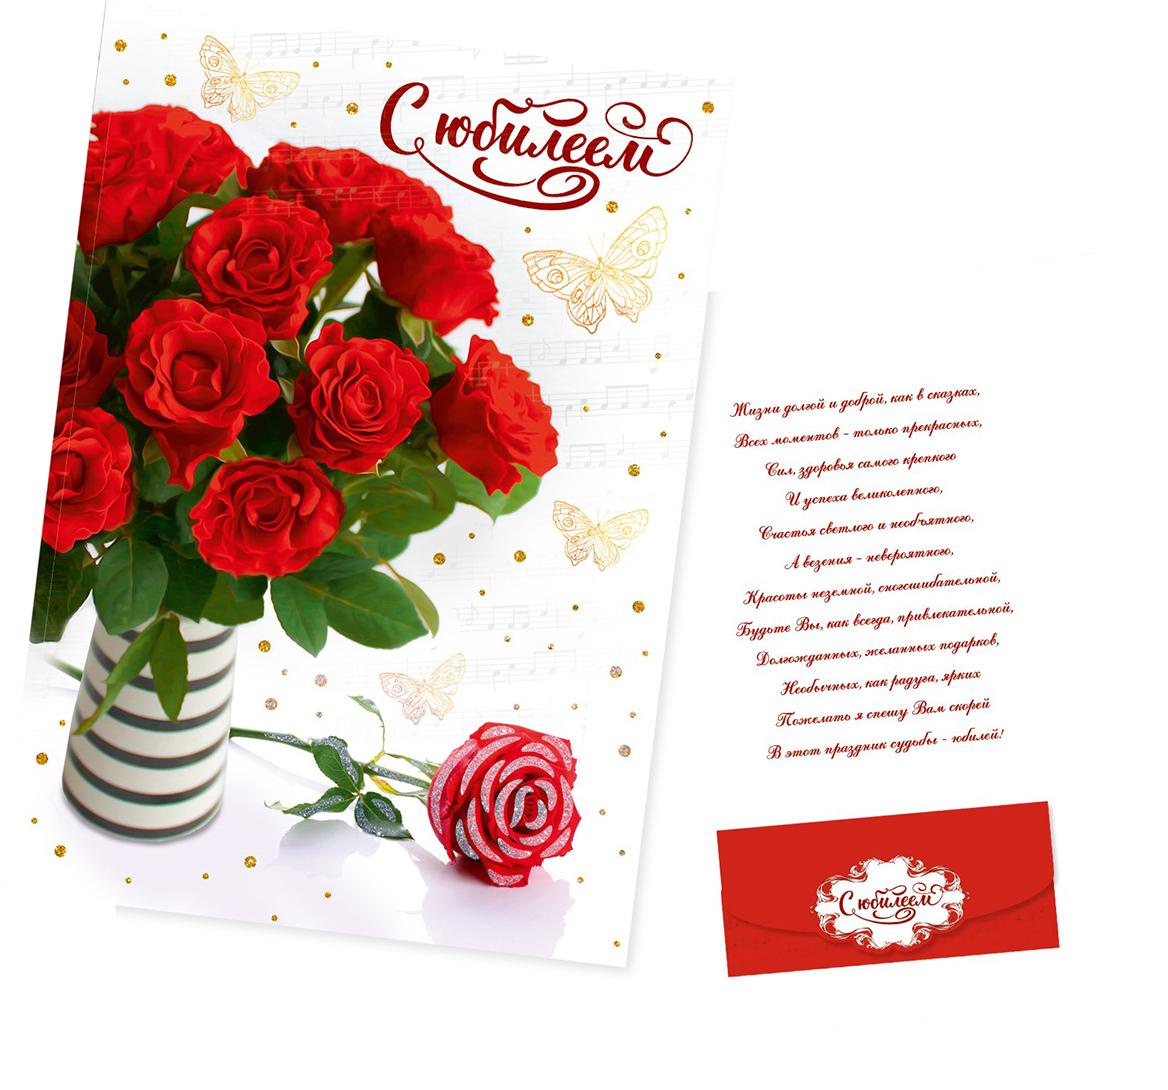 Открытка гигант Дарите Счастье С юбилеем. Красные розы, с конвертом для денег, 26 х 36,8 см3007640Выразить свои чувства и дополнить основной подарок тёплыми словами вам поможет Открытка . С ней ваше пожелание «Счастья, любви и здоровья» приобретёт трепетный и душевный подтекст. А воспоминания о праздничном дне ещё долго будут радовать адресата.Среди нашего ассортимента печатной поздравительной продукции вы выберете открытку для любого праздника и повода.